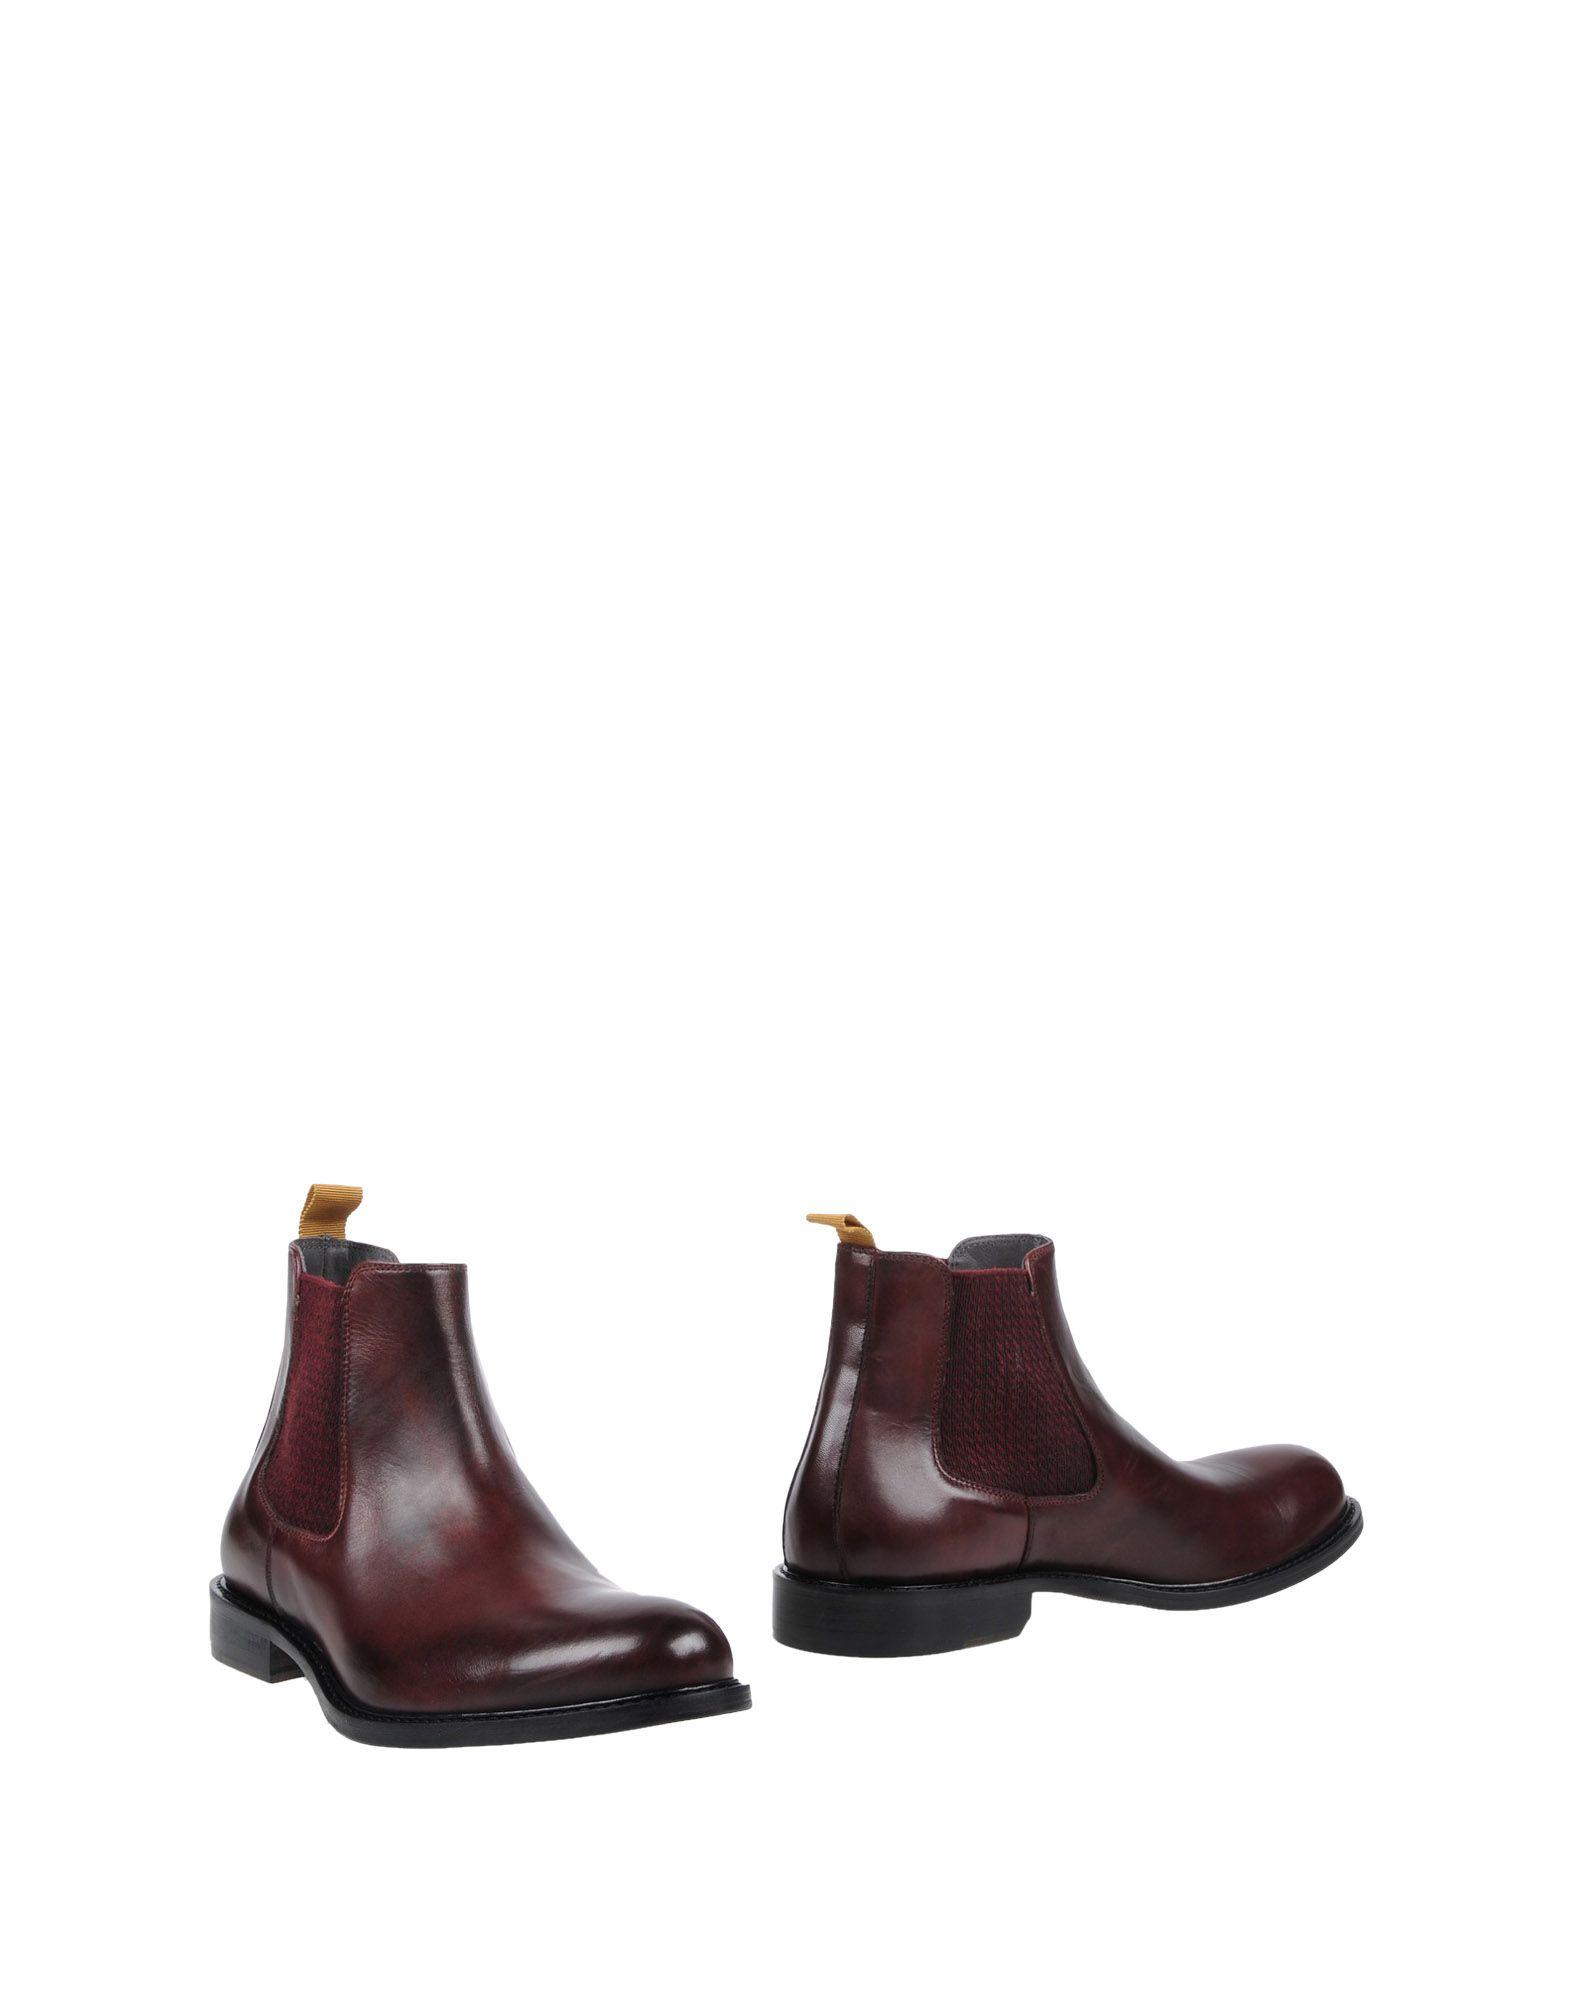 Pollini Gute Stiefelette Herren  11447571VH Gute Pollini Qualität beliebte Schuhe ed16d2